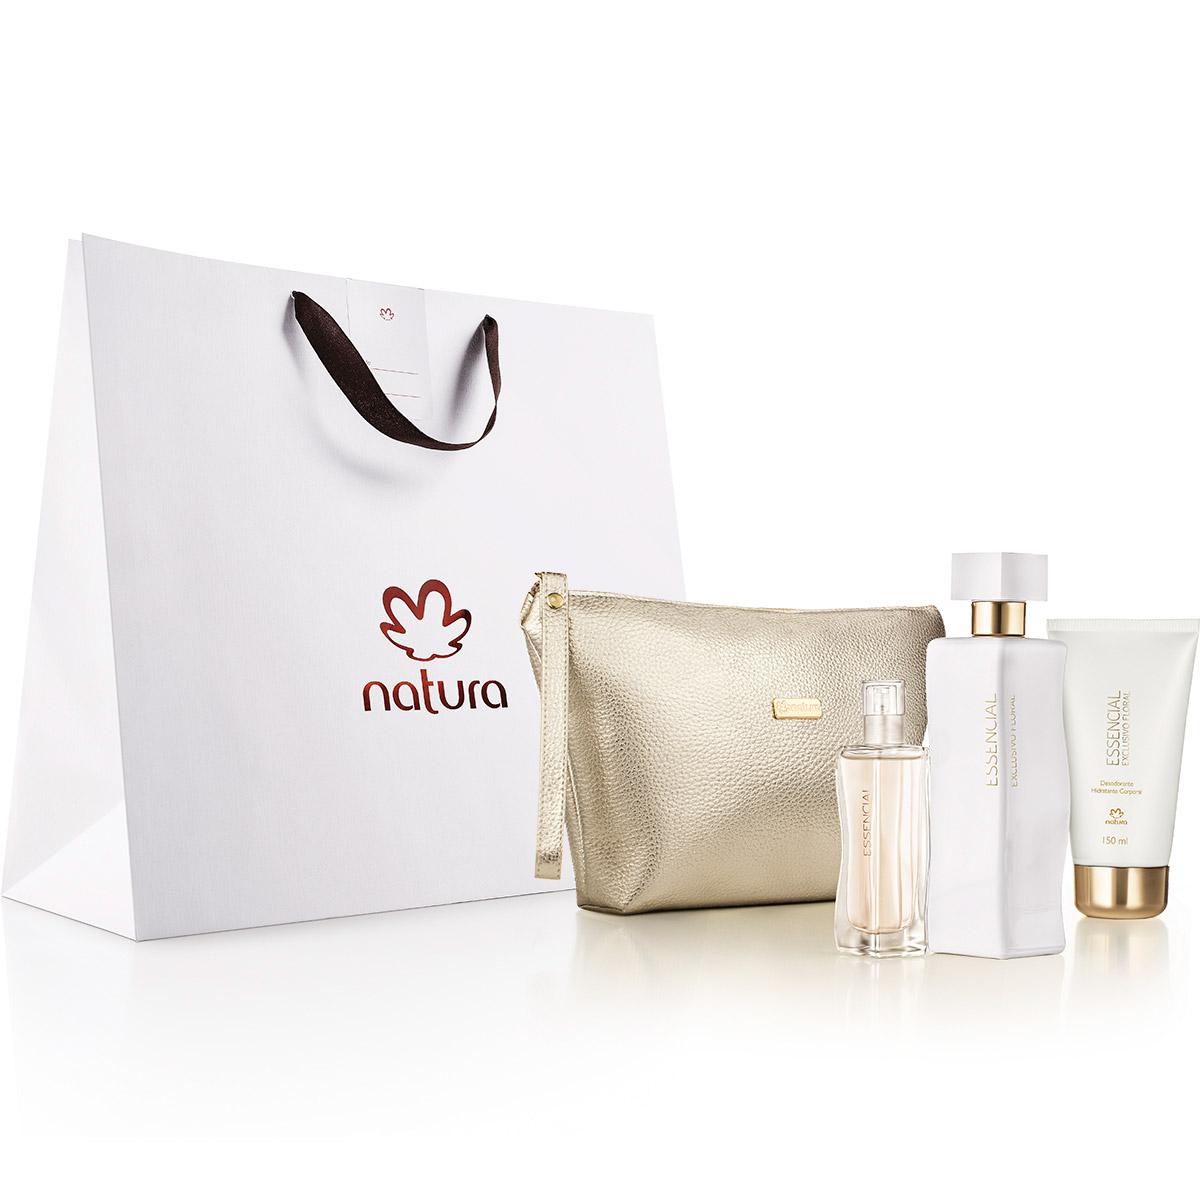 Presente Natura Essencial Exclusivo Floral Feminino com Bolsa Clutch - 82540